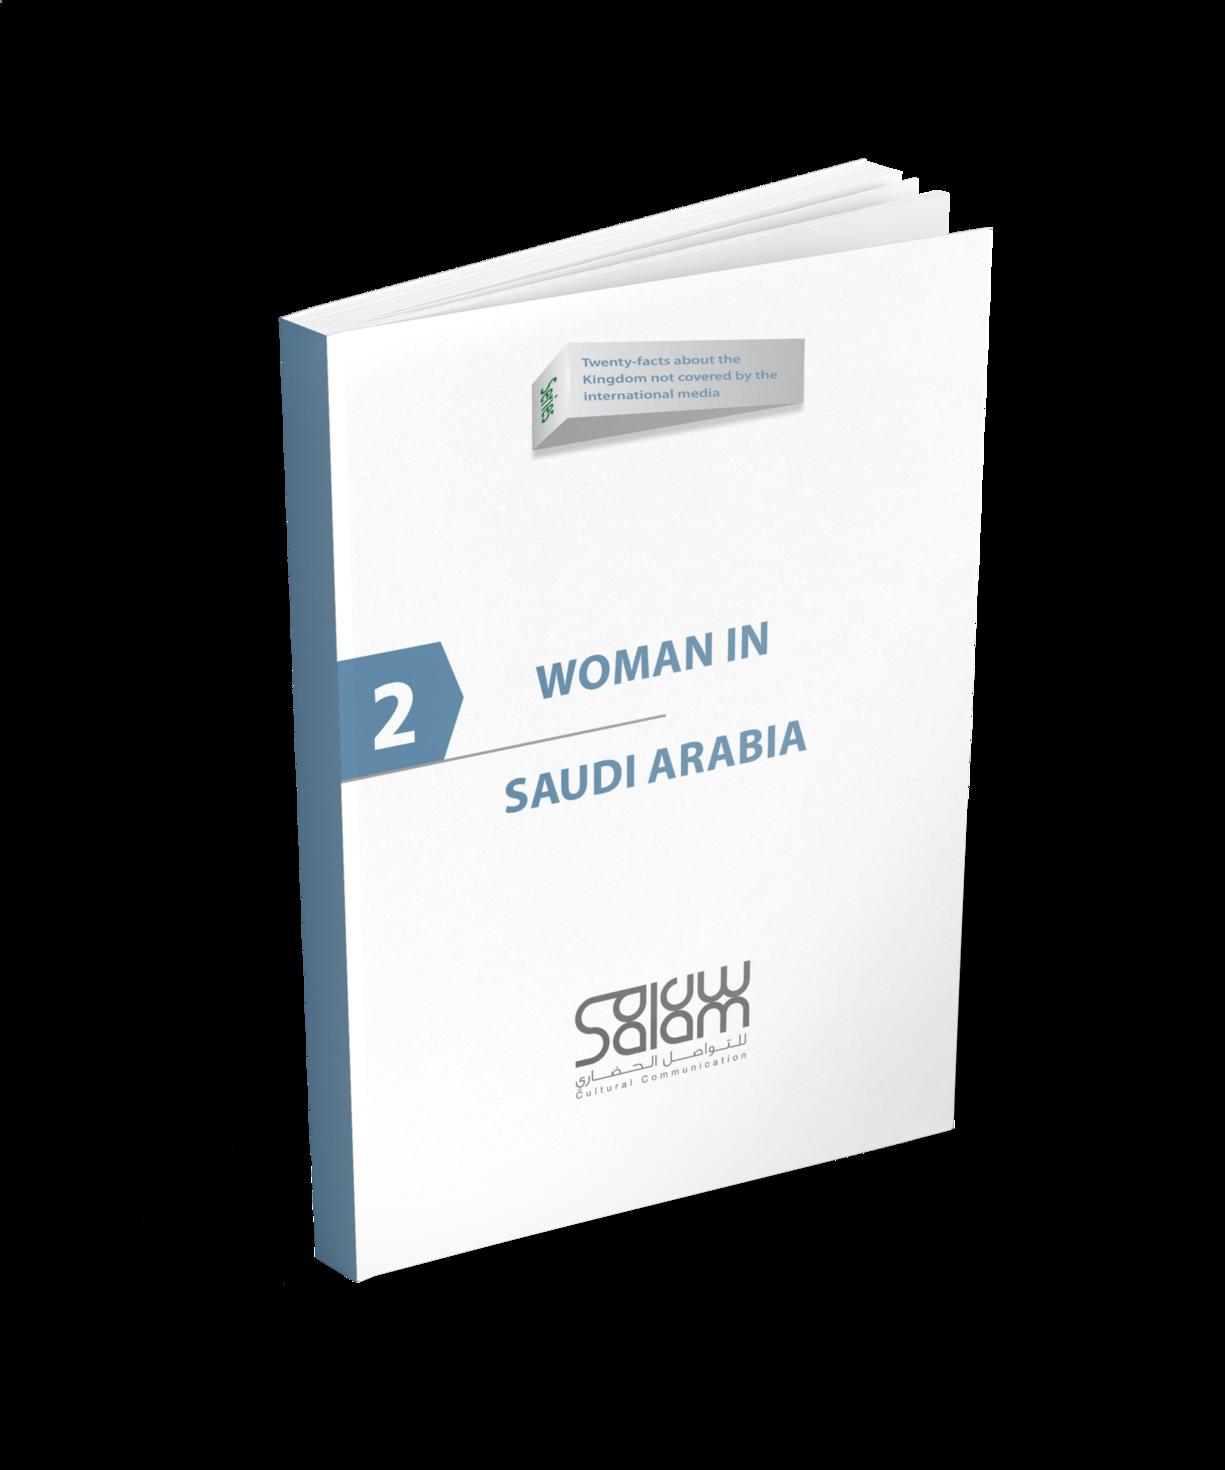 المرأة في المملكة العربية السعودية